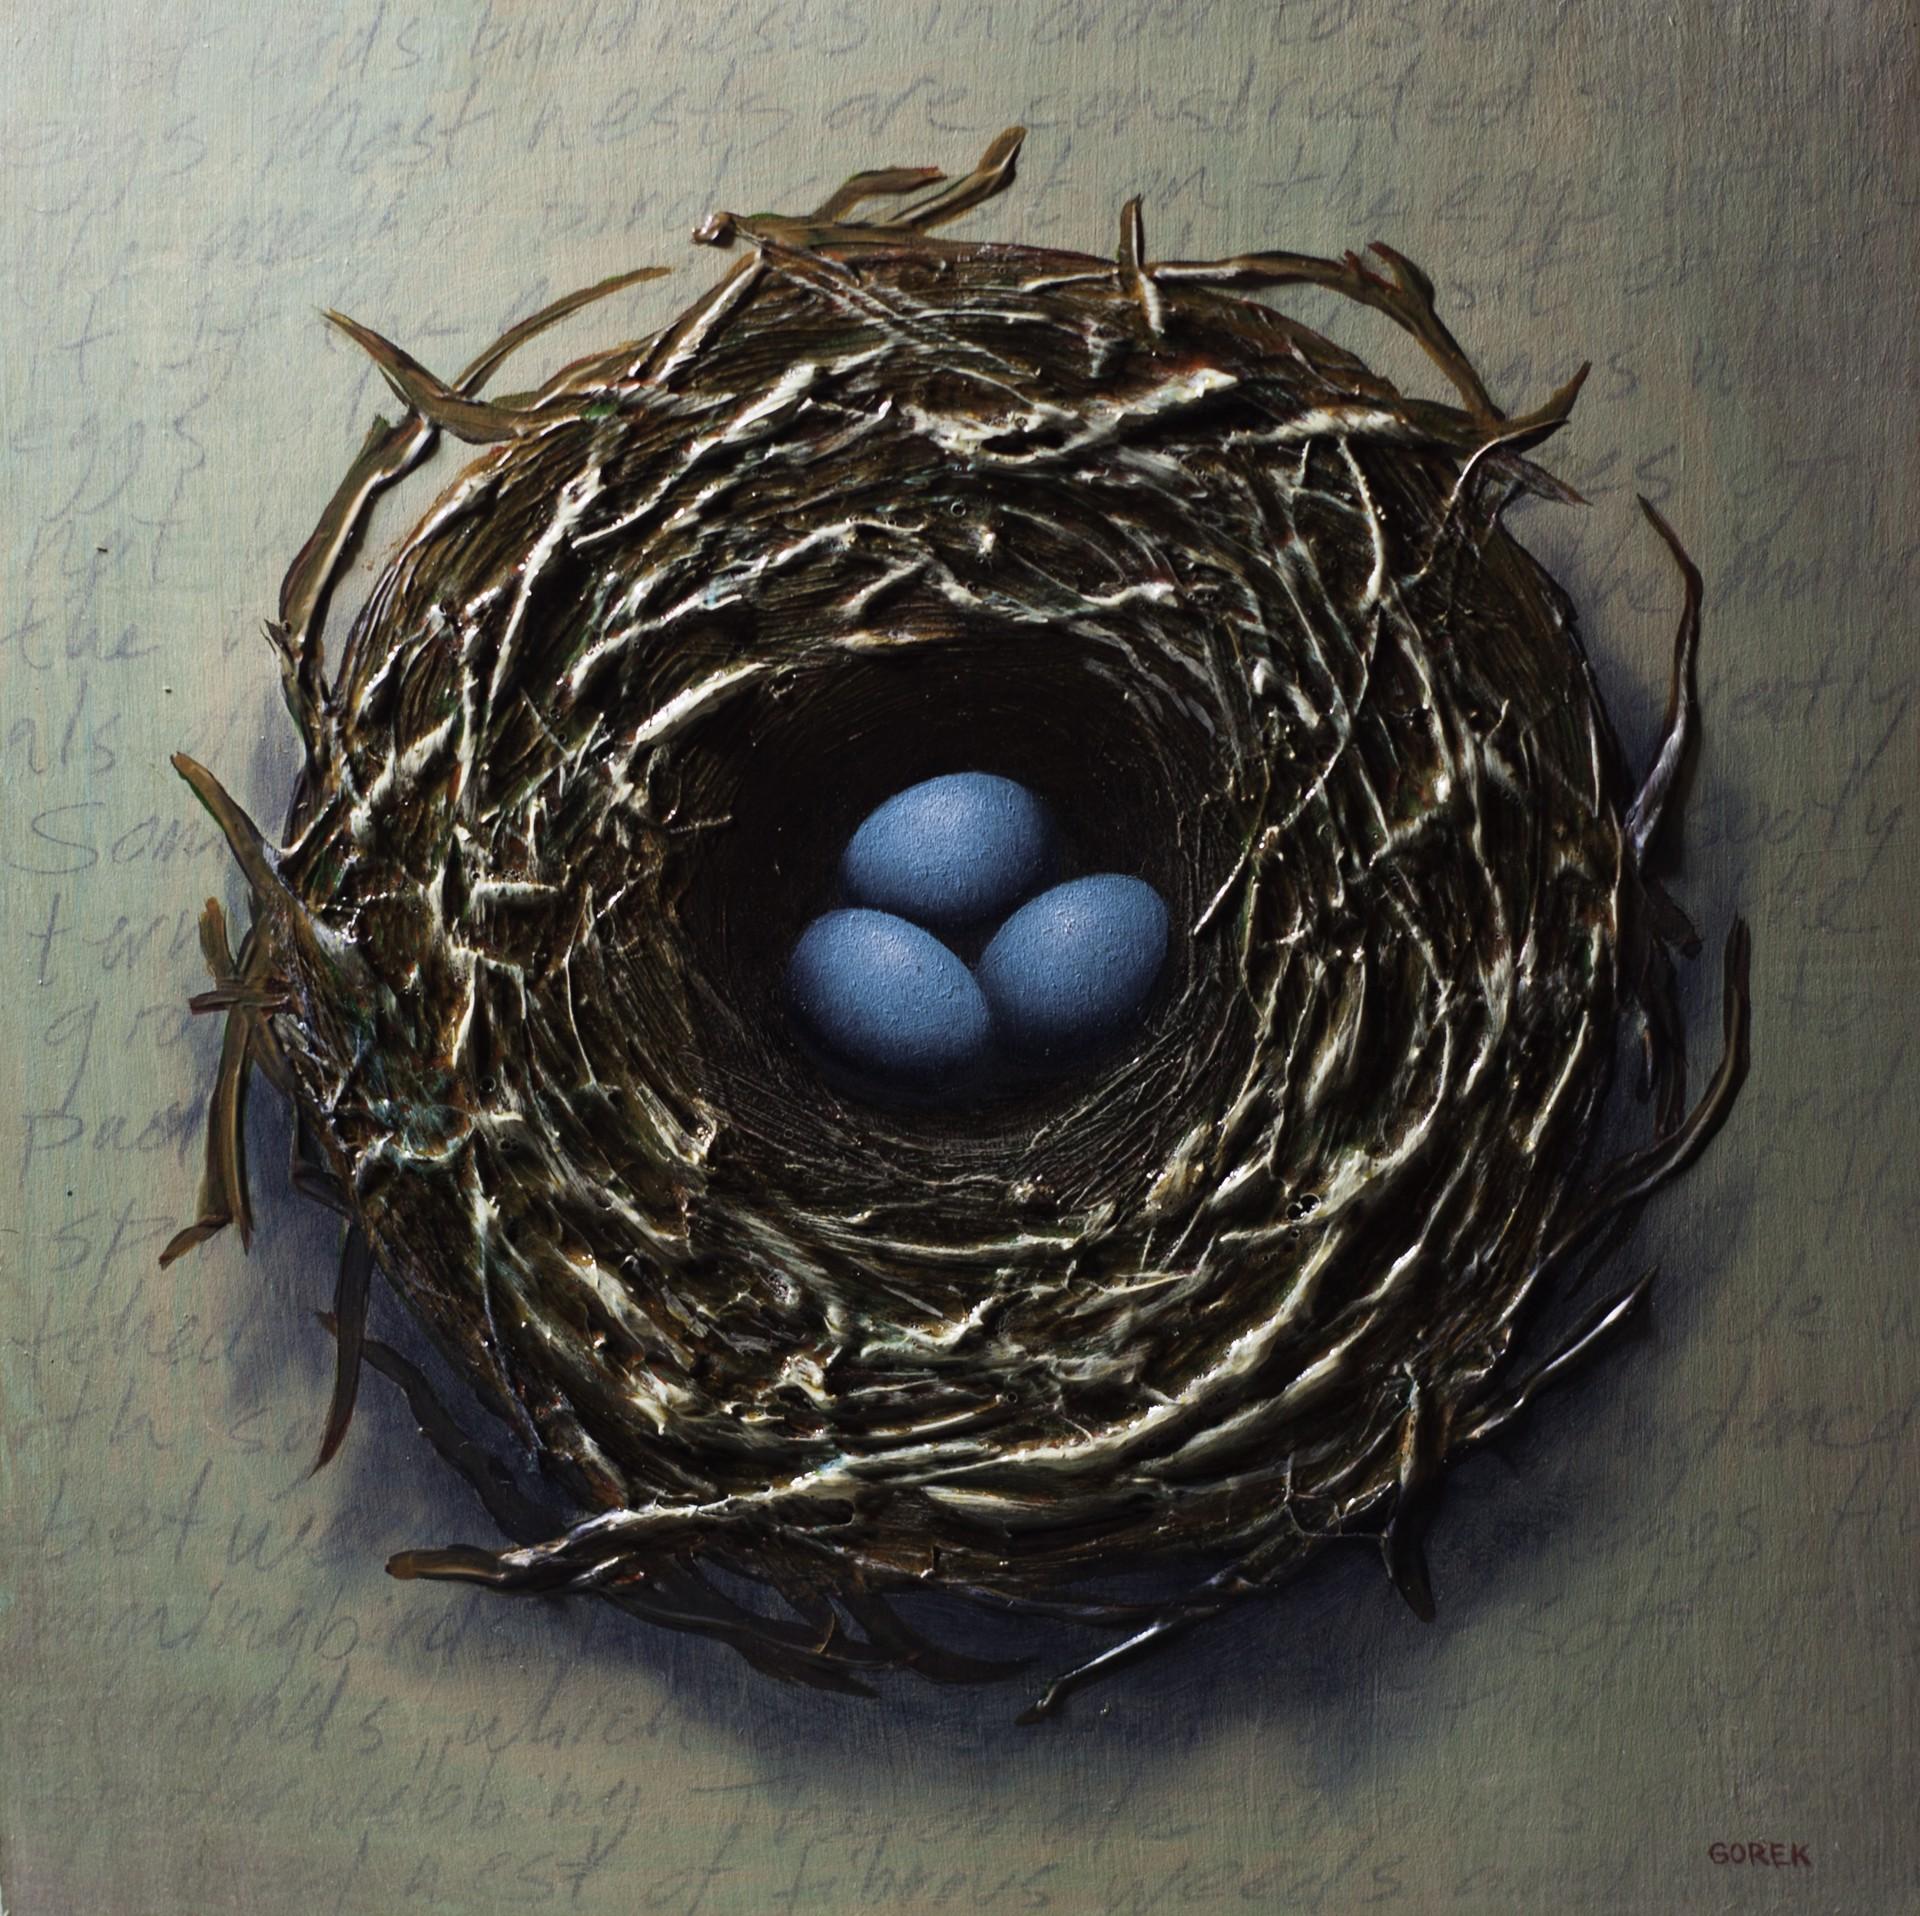 Bird's Nest, Three Eggs by Thane Gorek